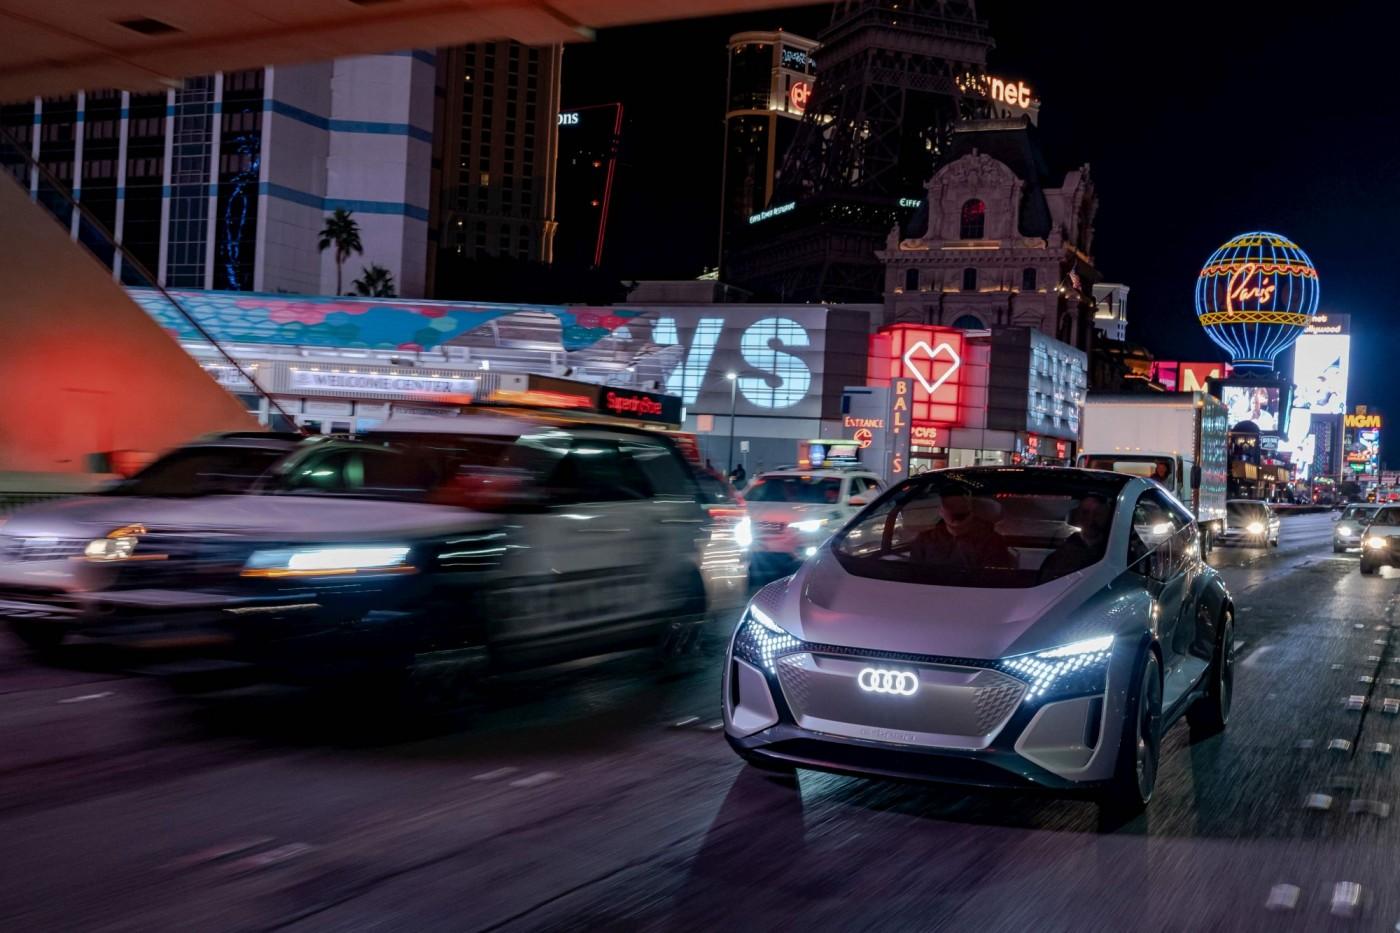 賓士、奧迪、BMW都在談乘車體驗,CES2020汽車科技兩大趨勢觀察